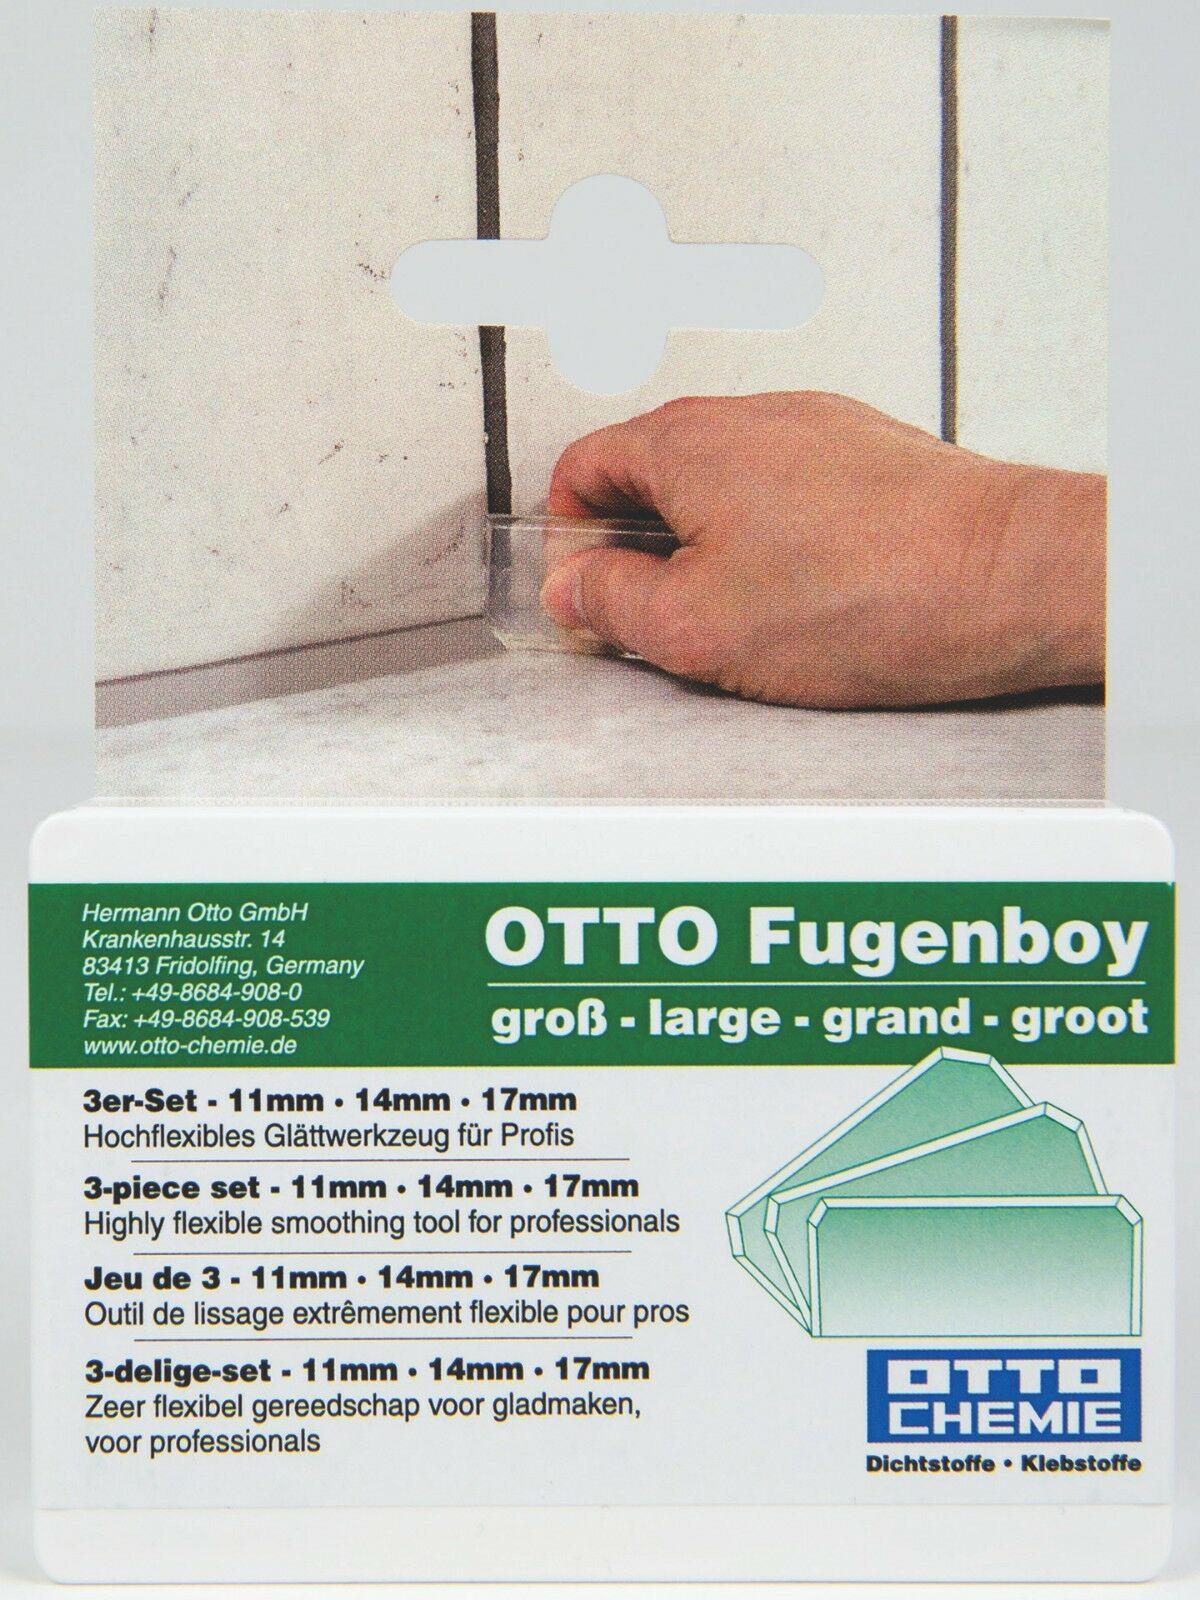 OTTO Fugenboy 3er-Set groß